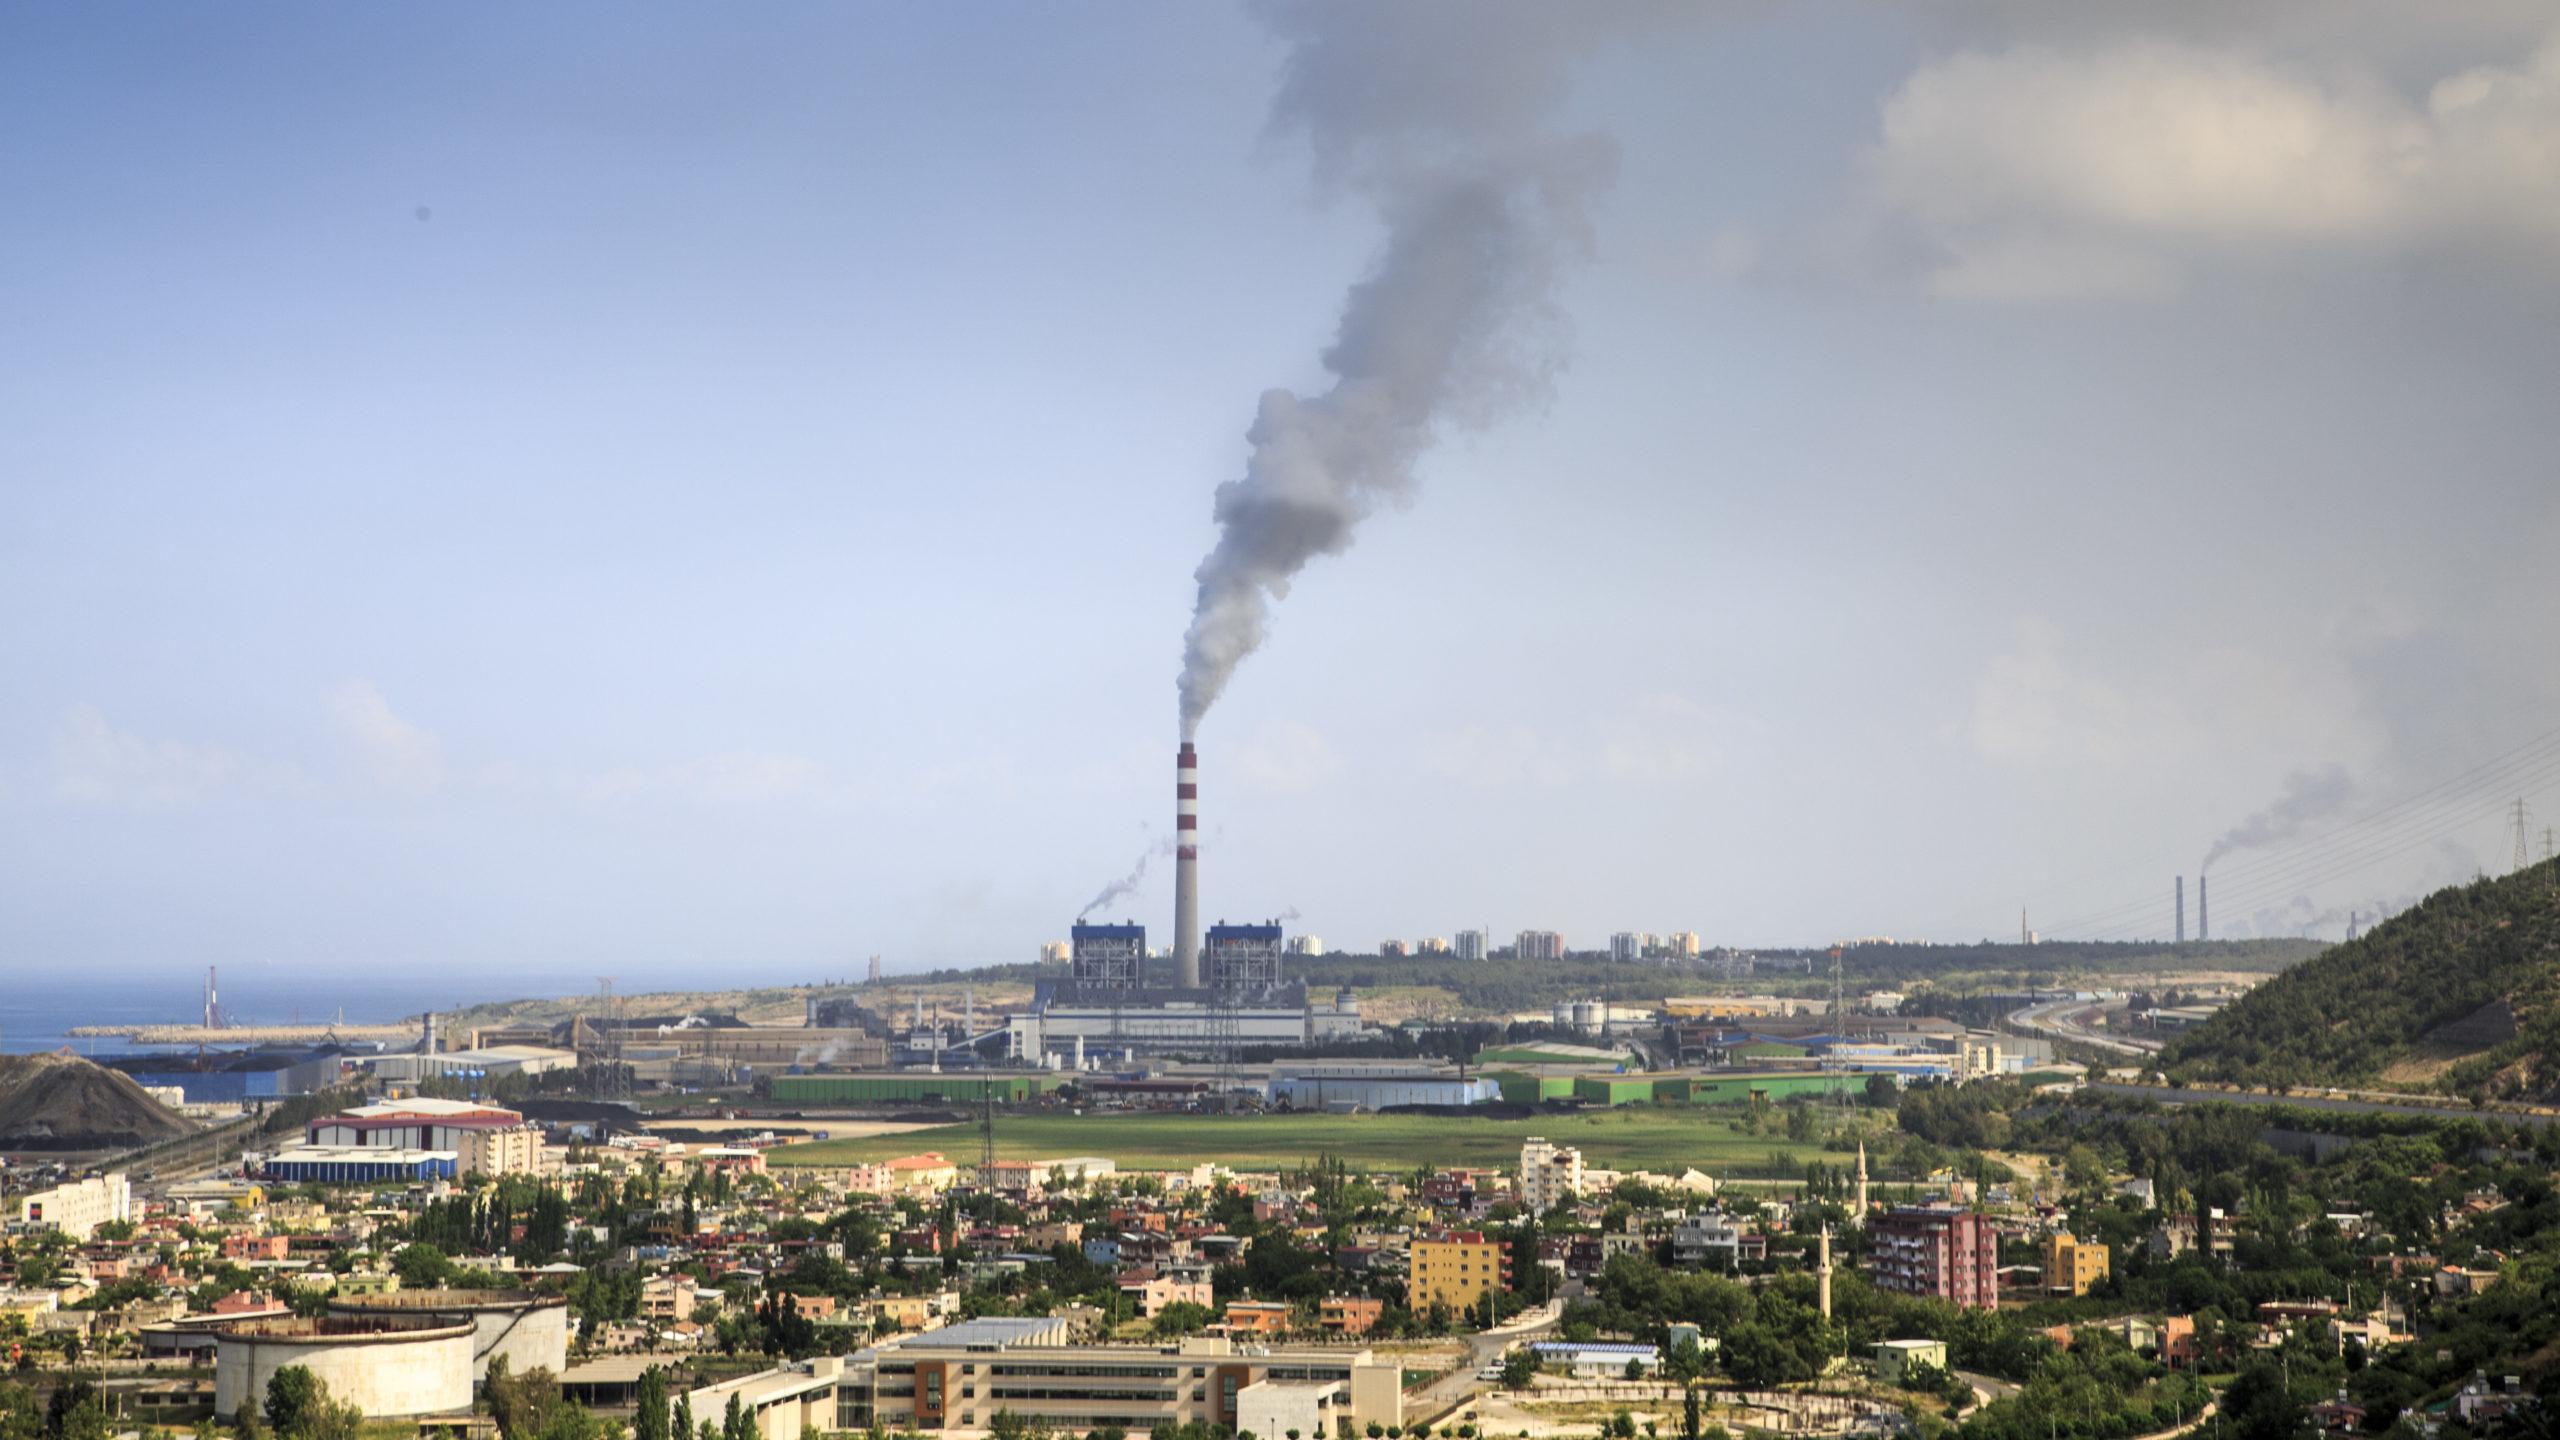 The 1.2GW Diler Atlas coal power plant in Iskenderun